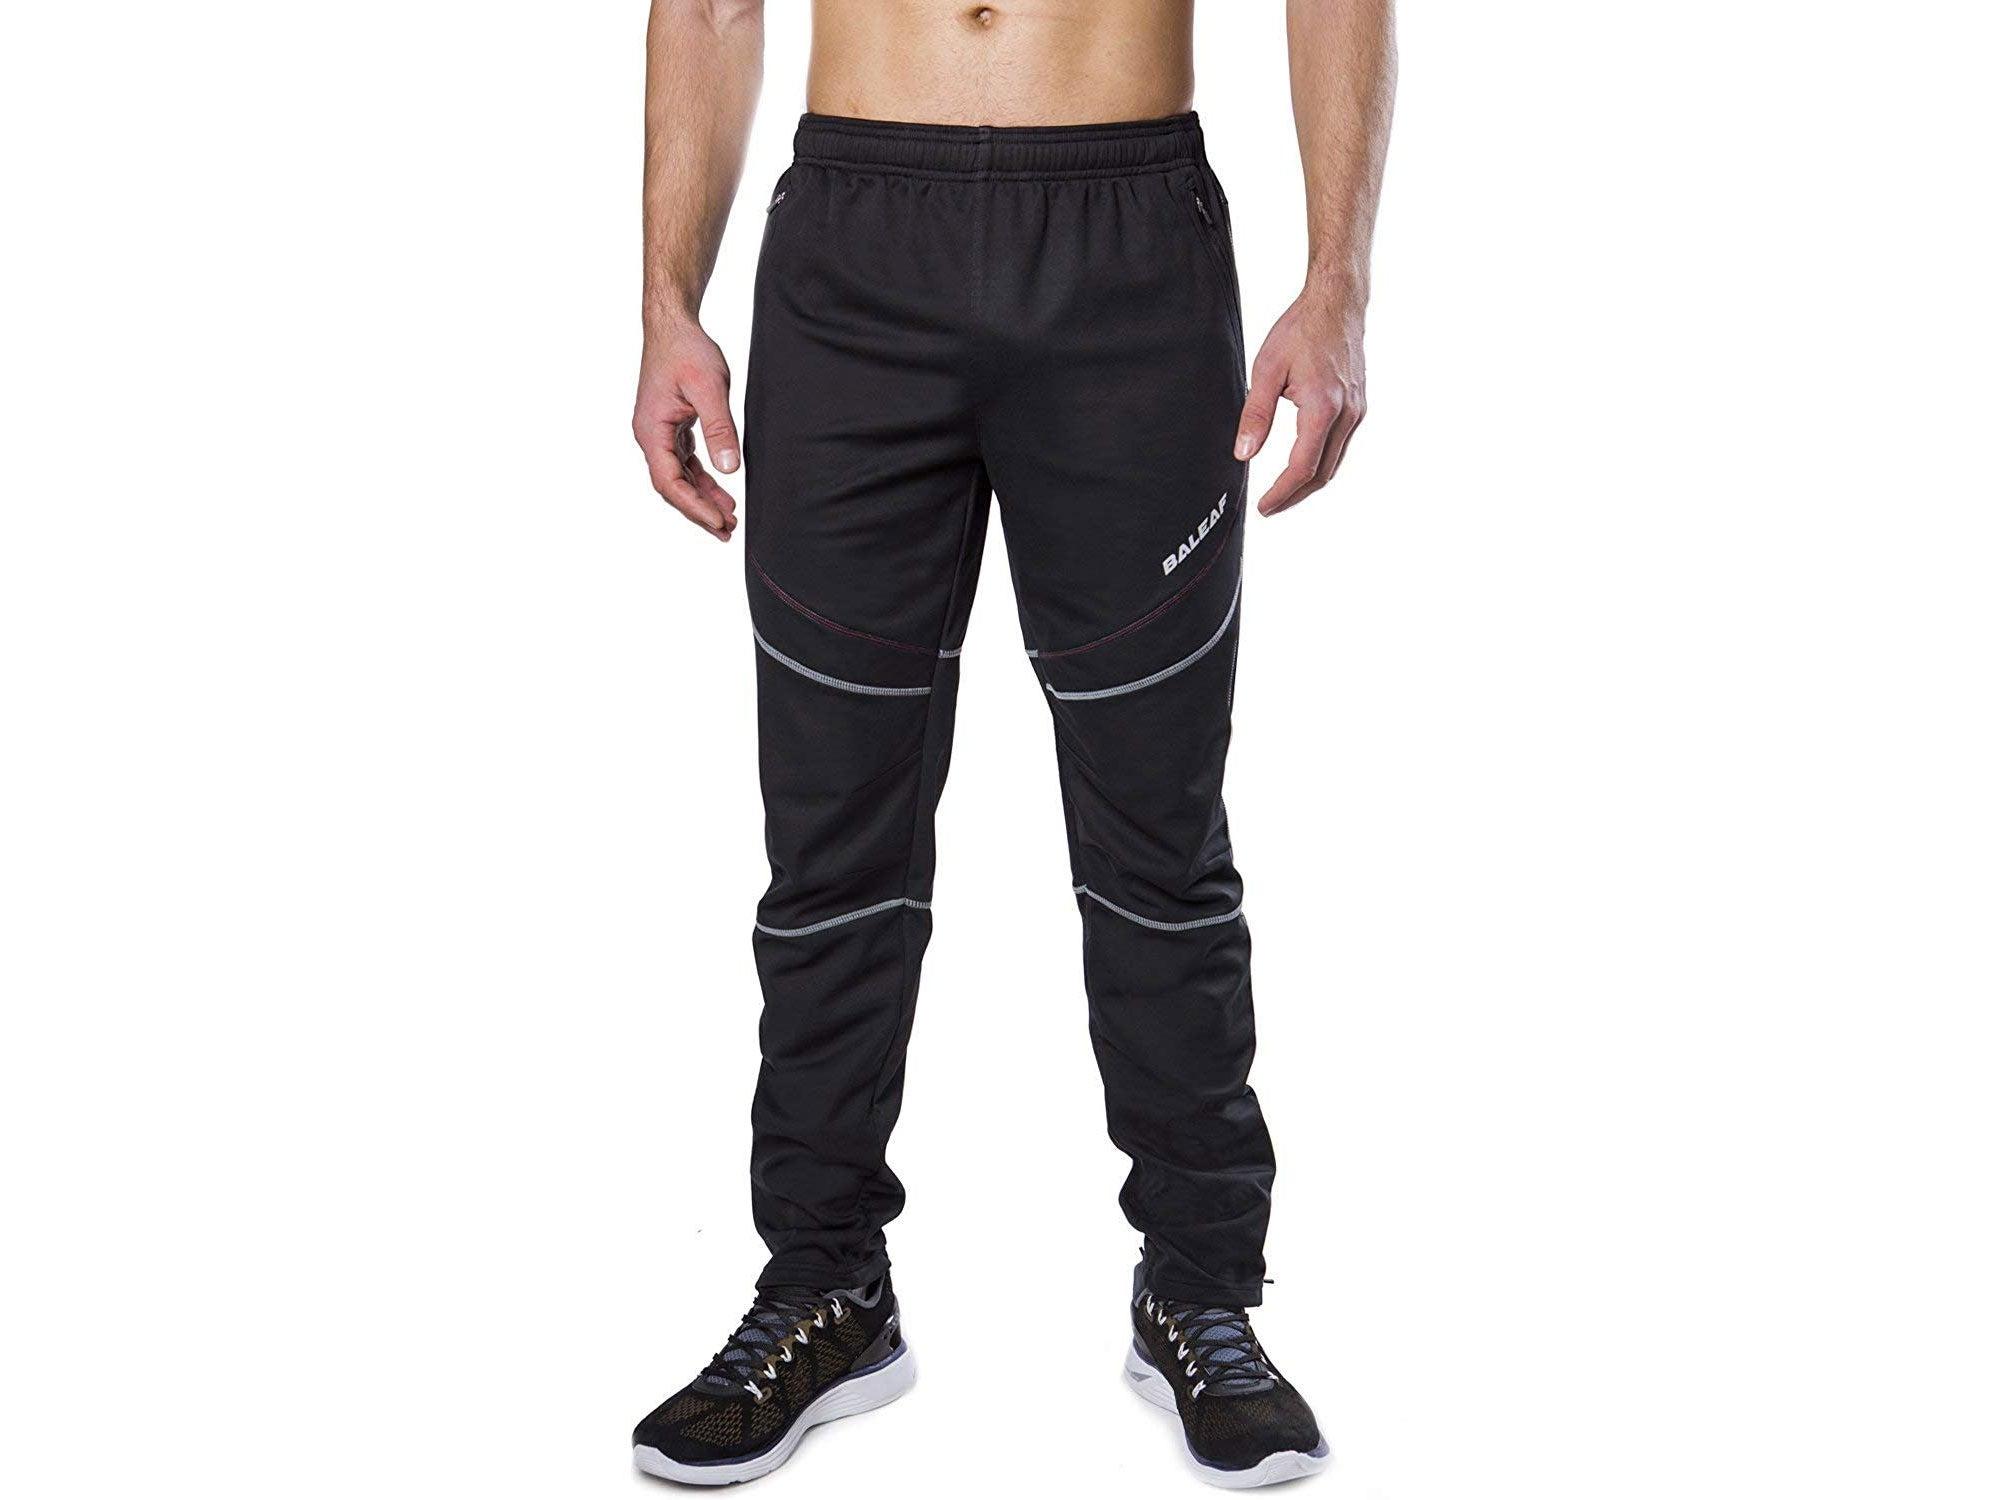 Baleaf cycling pants